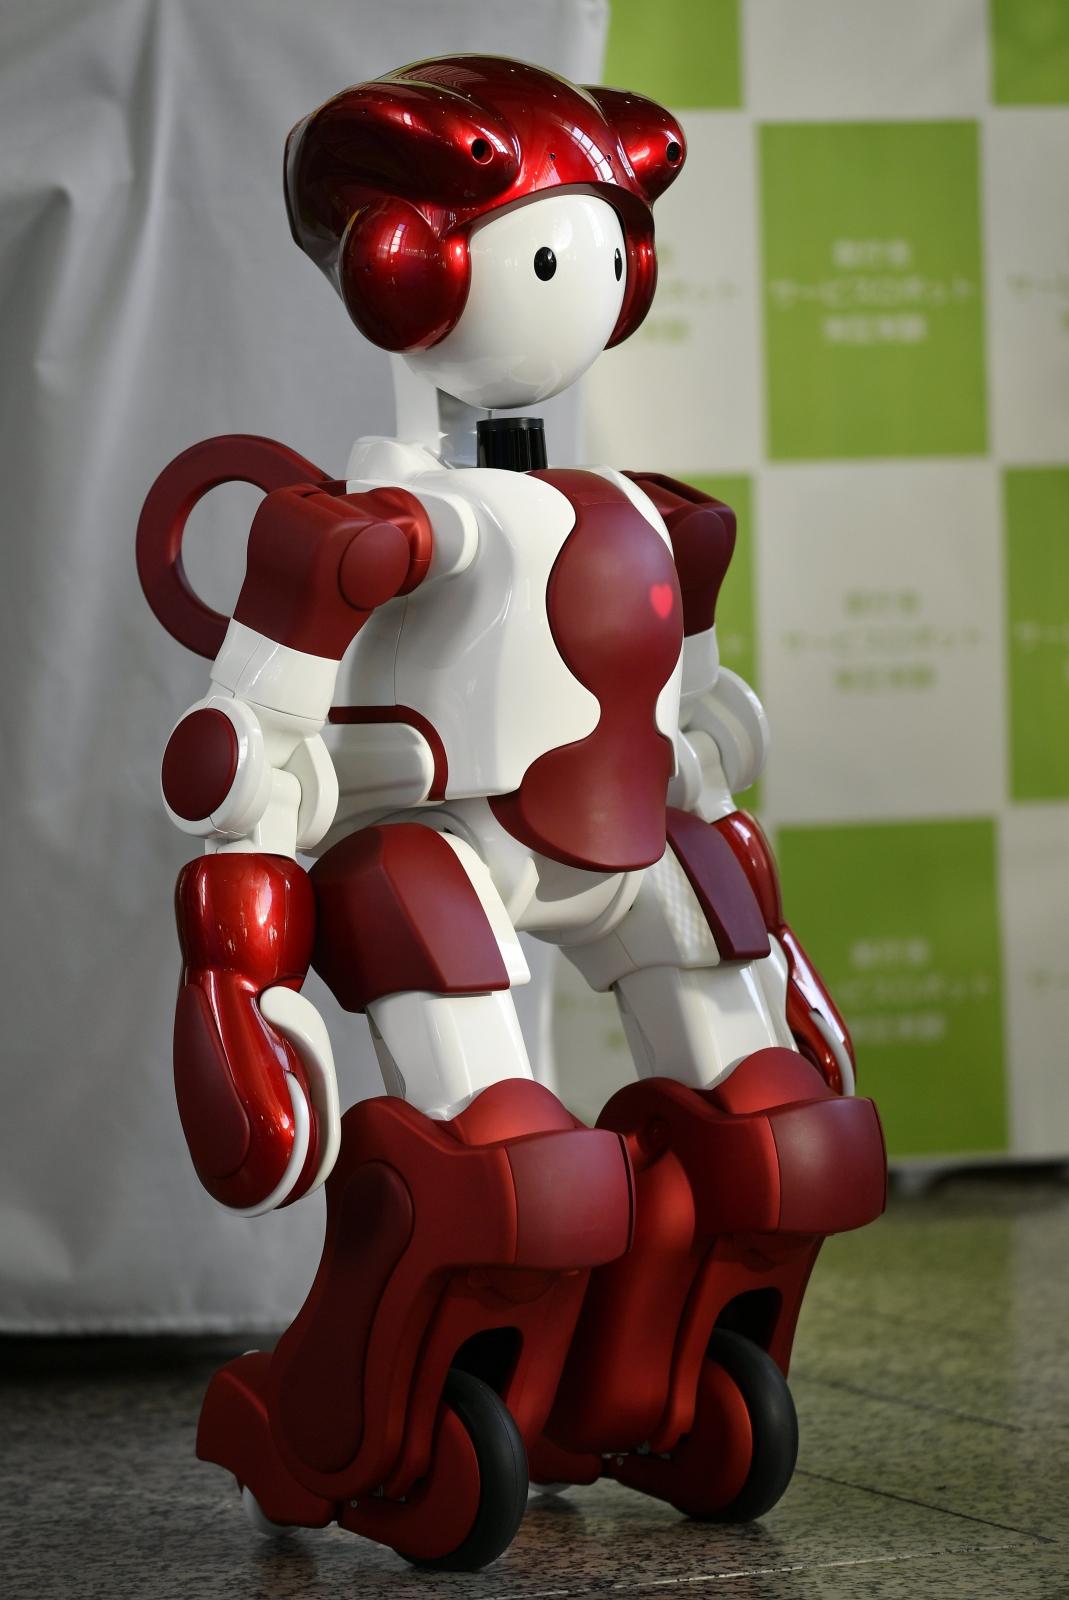 Japoński Robot; który będzie usługiwał gościom podczas Olimpiady w 2020 roku. Dostawca: PAP/EPA.